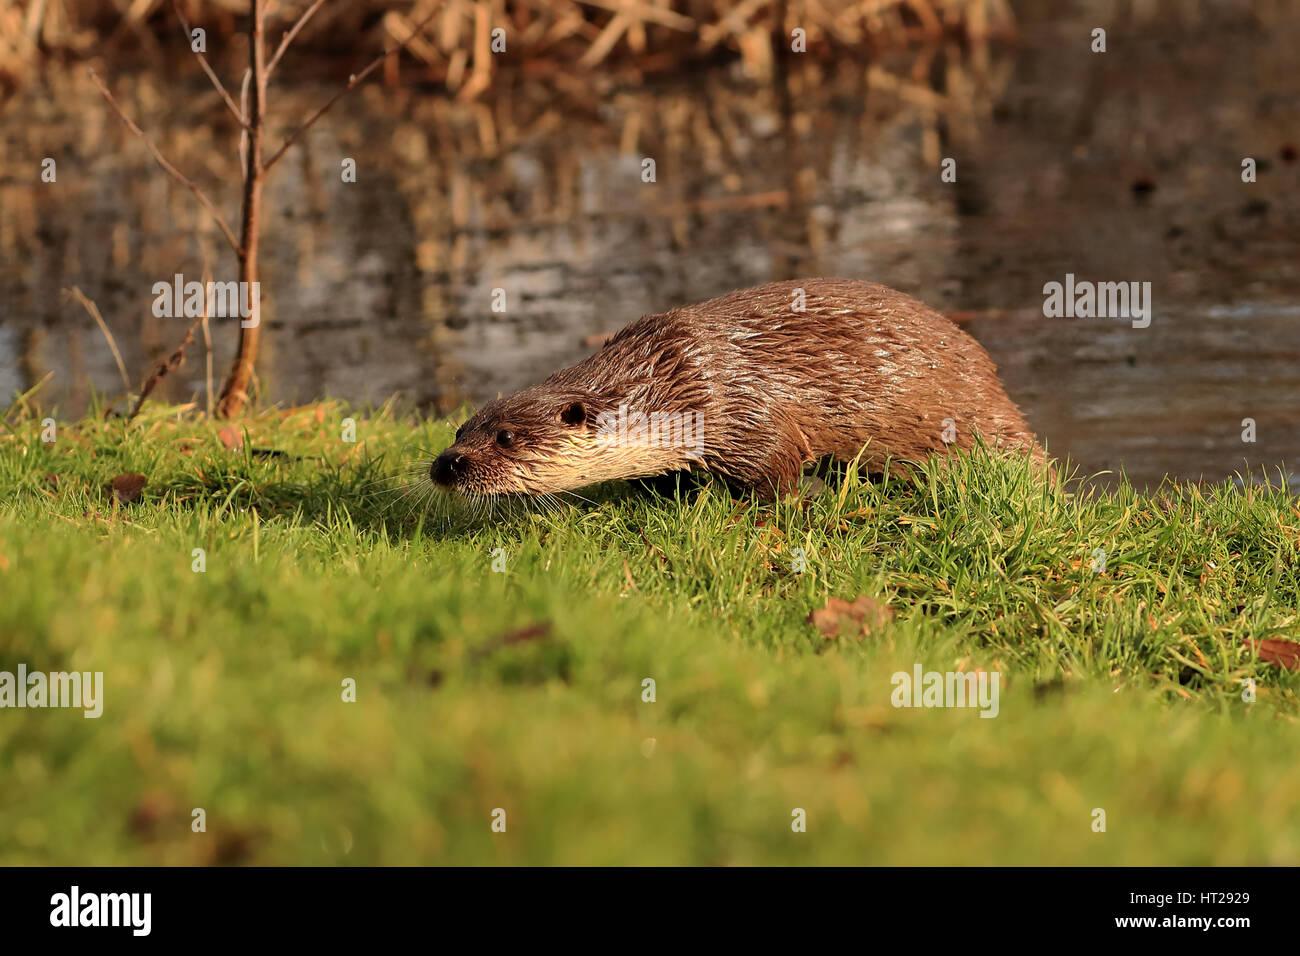 Nutria surgió del estanque sobre la hierba mirando alerta. Foto de stock